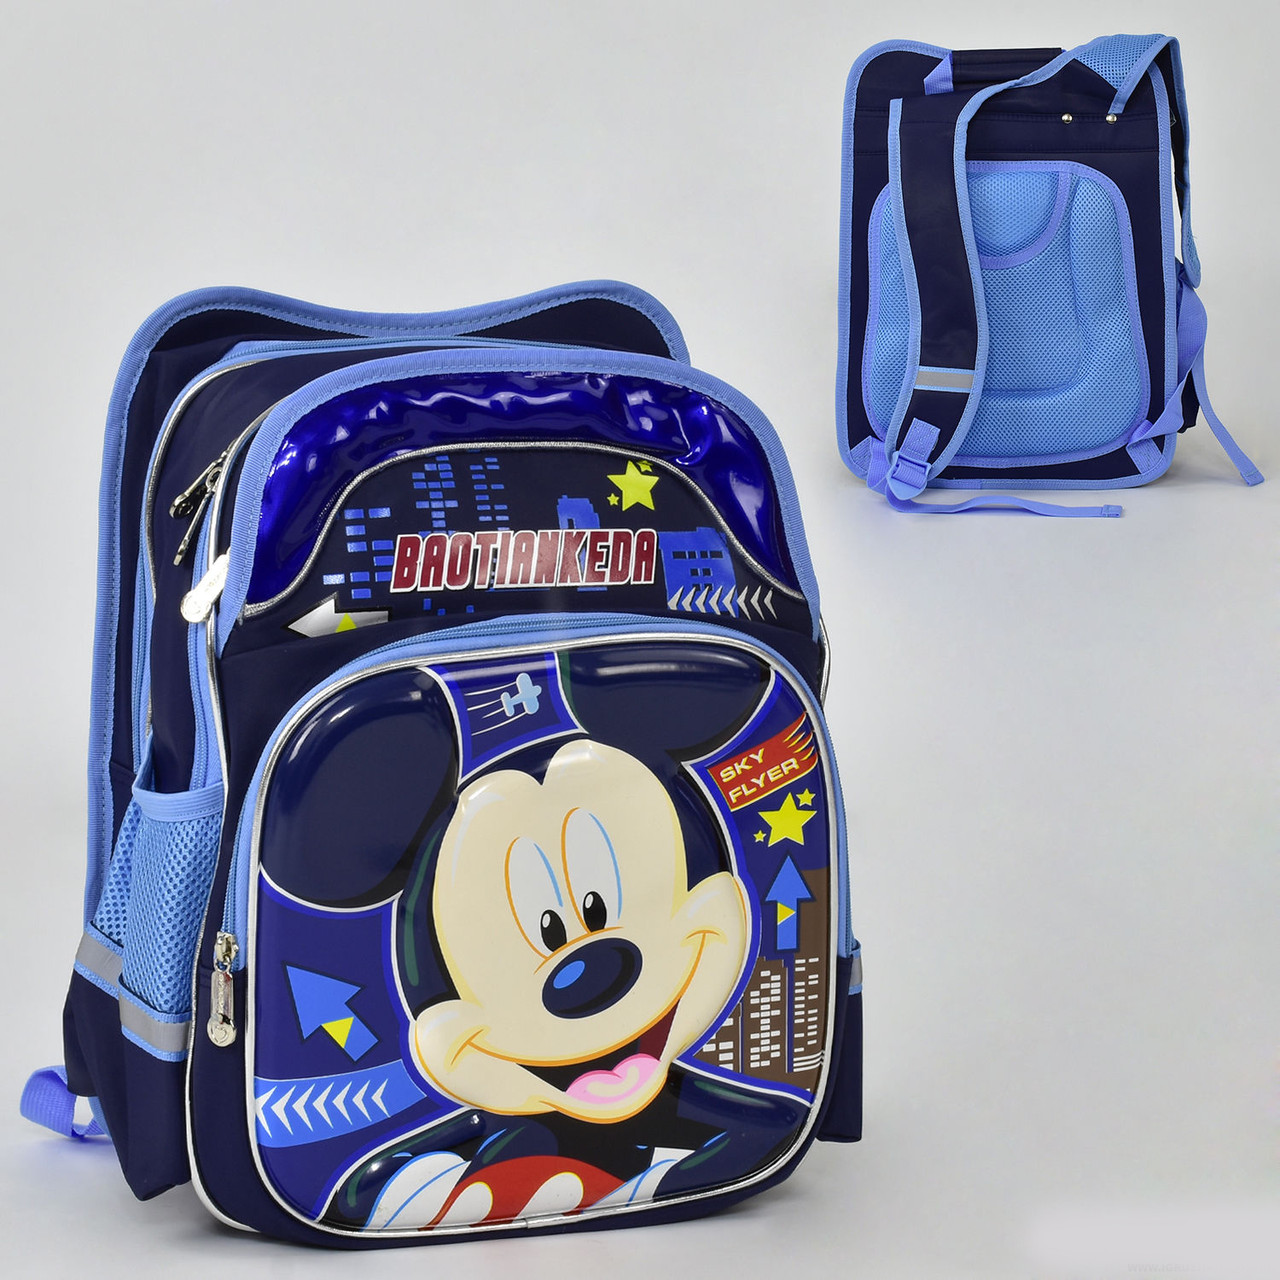 """Дитячий Рюкзак шкільний """"Міккі Маус"""" N 00206 з 4 кишенями і ортопедичною спинкою"""